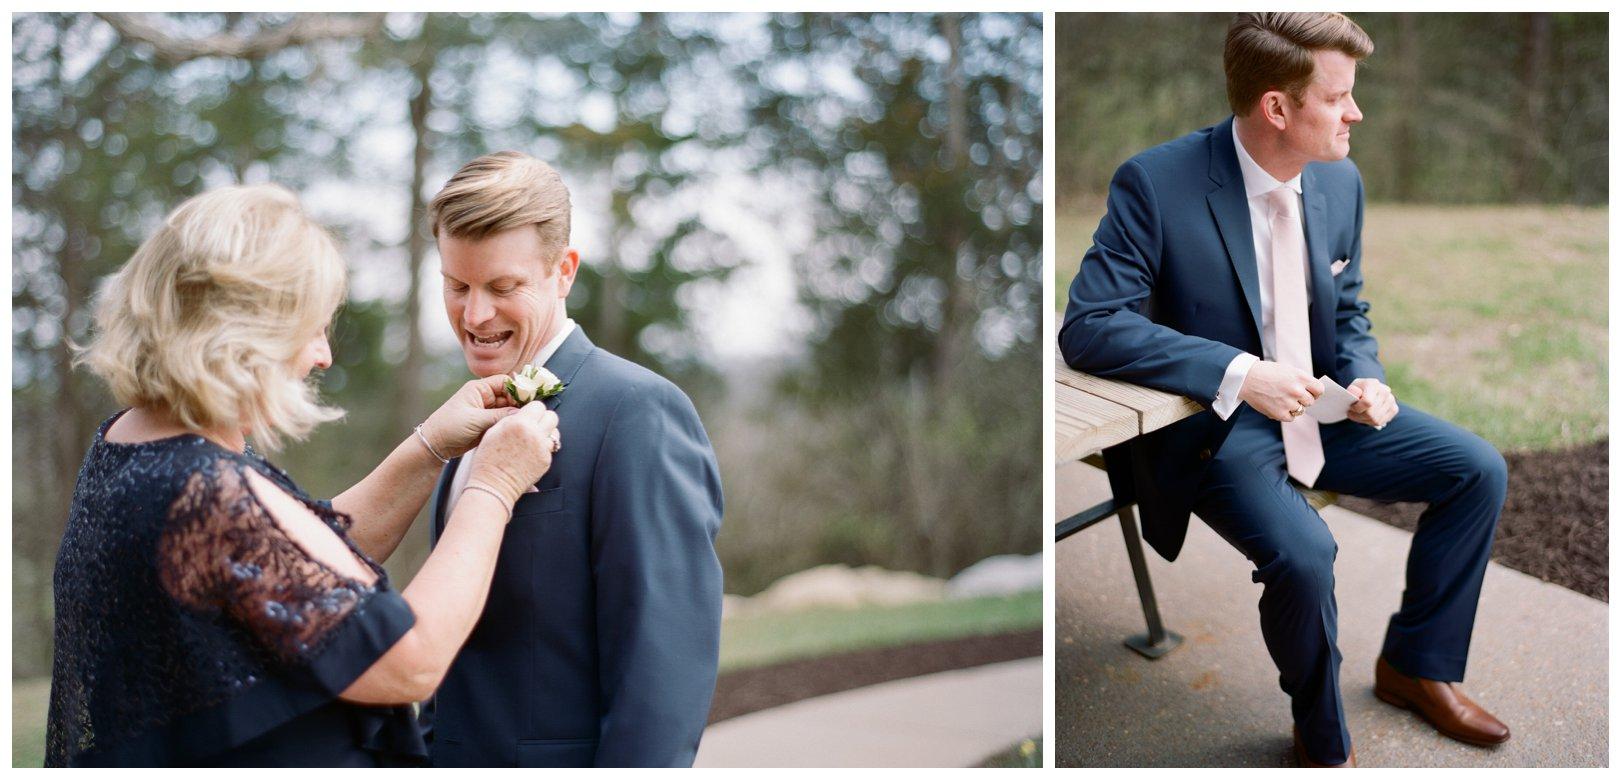 lauren muckler photography_fine art film wedding photography_st louis_photography_0971.jpg